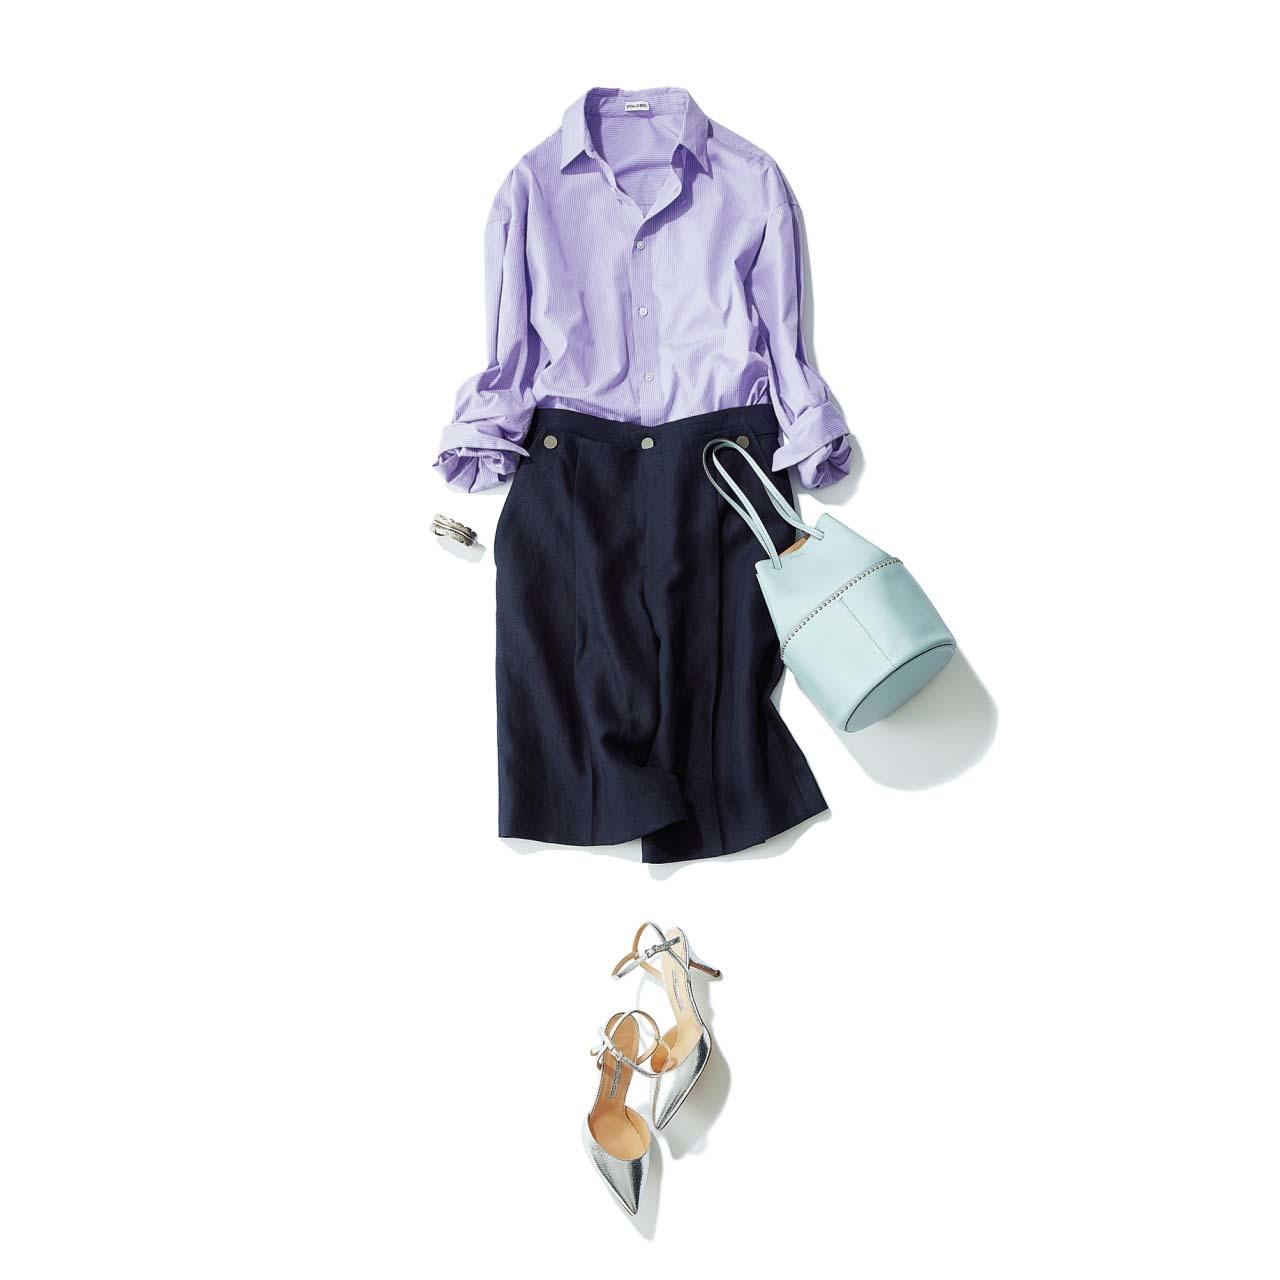 ライラックカラーのシャツ×マリンテイストのショートパンツコーデ